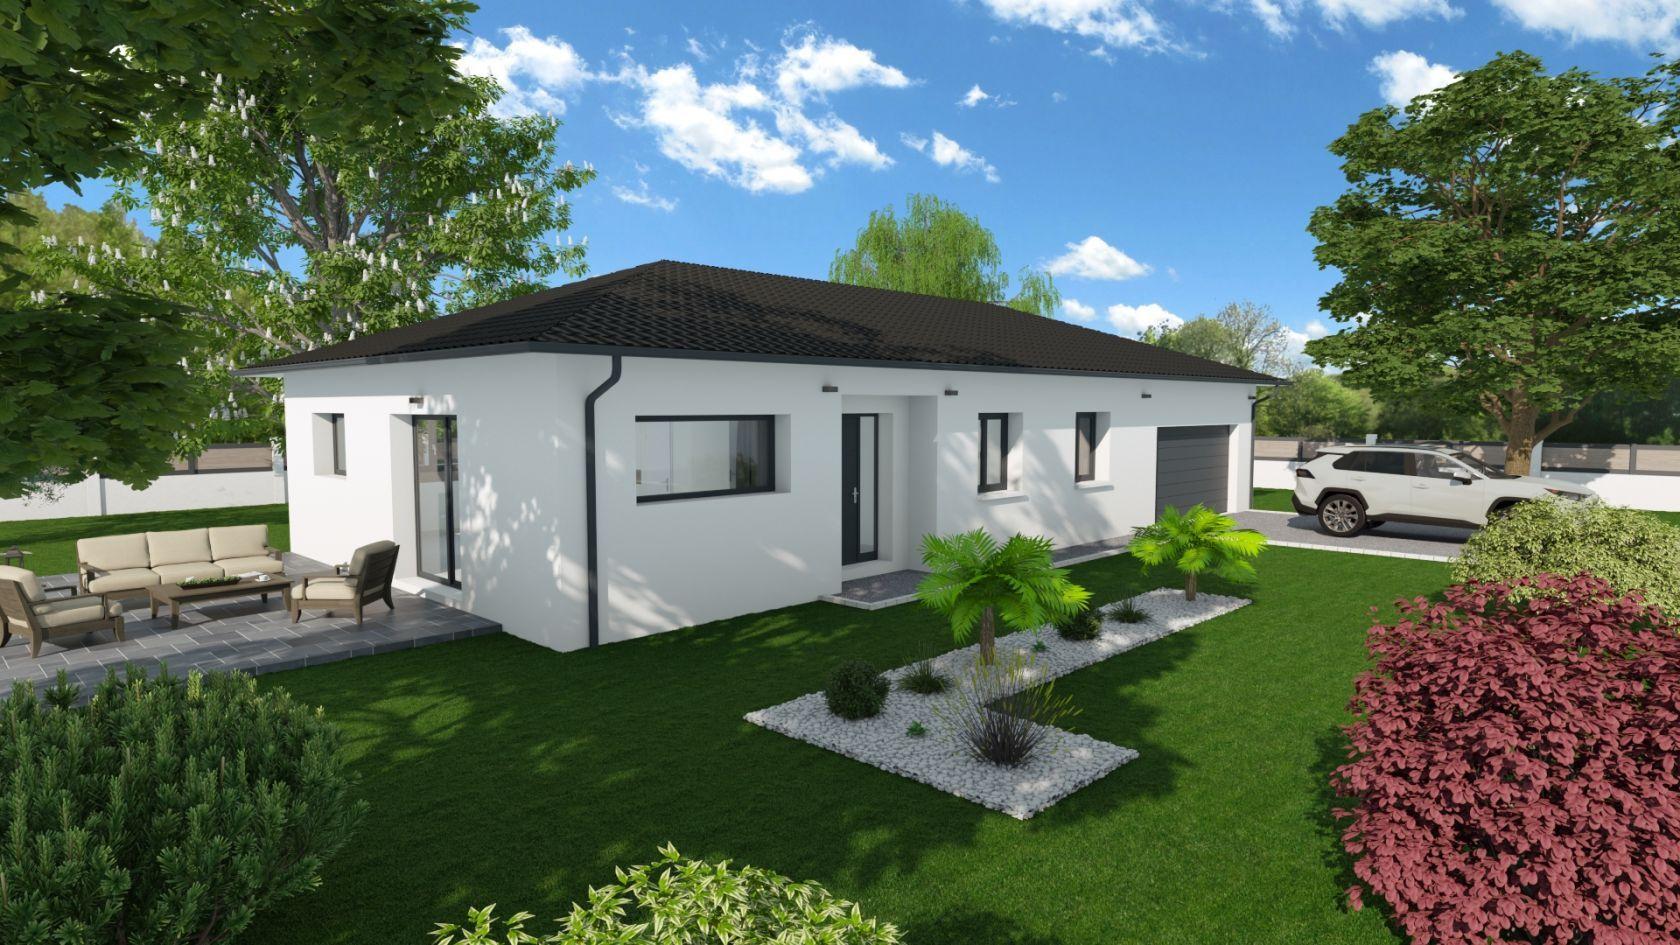 Maison 85.5 m² avec terrain à SAINTE-ANNE-SUR-GERVONDE (38) 1